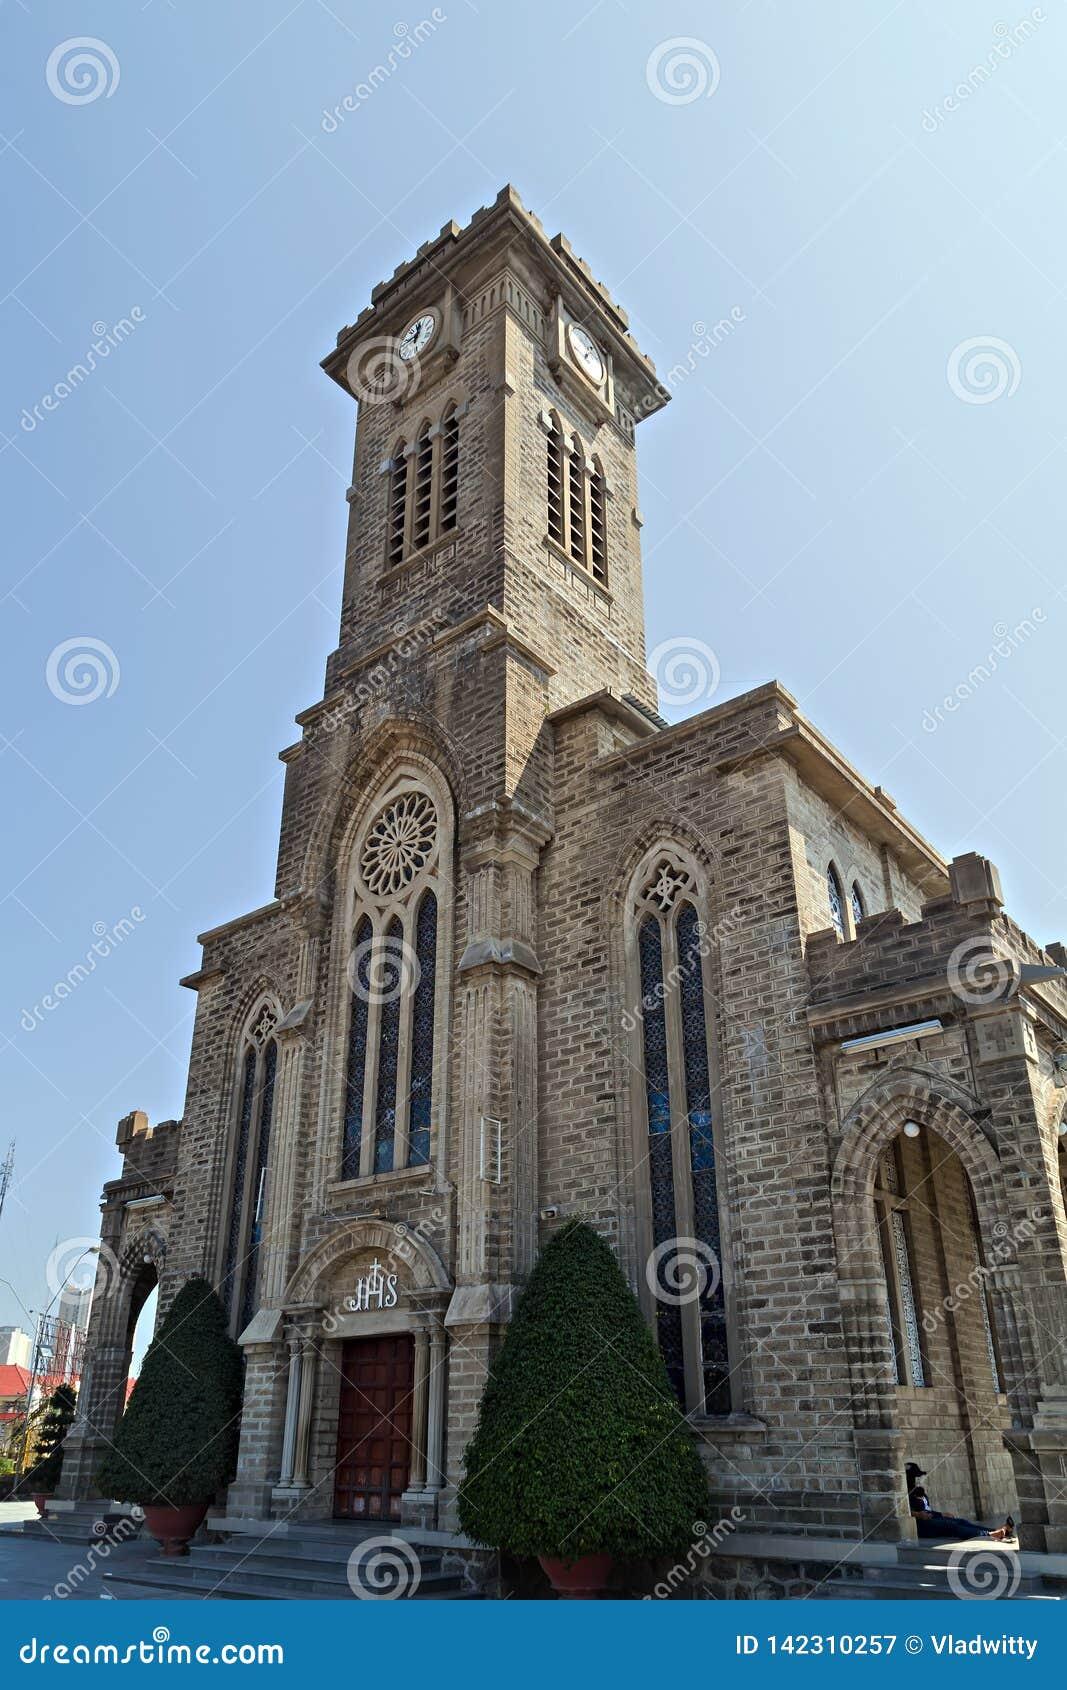 Христос король Собор, готические часы башни стиля возрождения